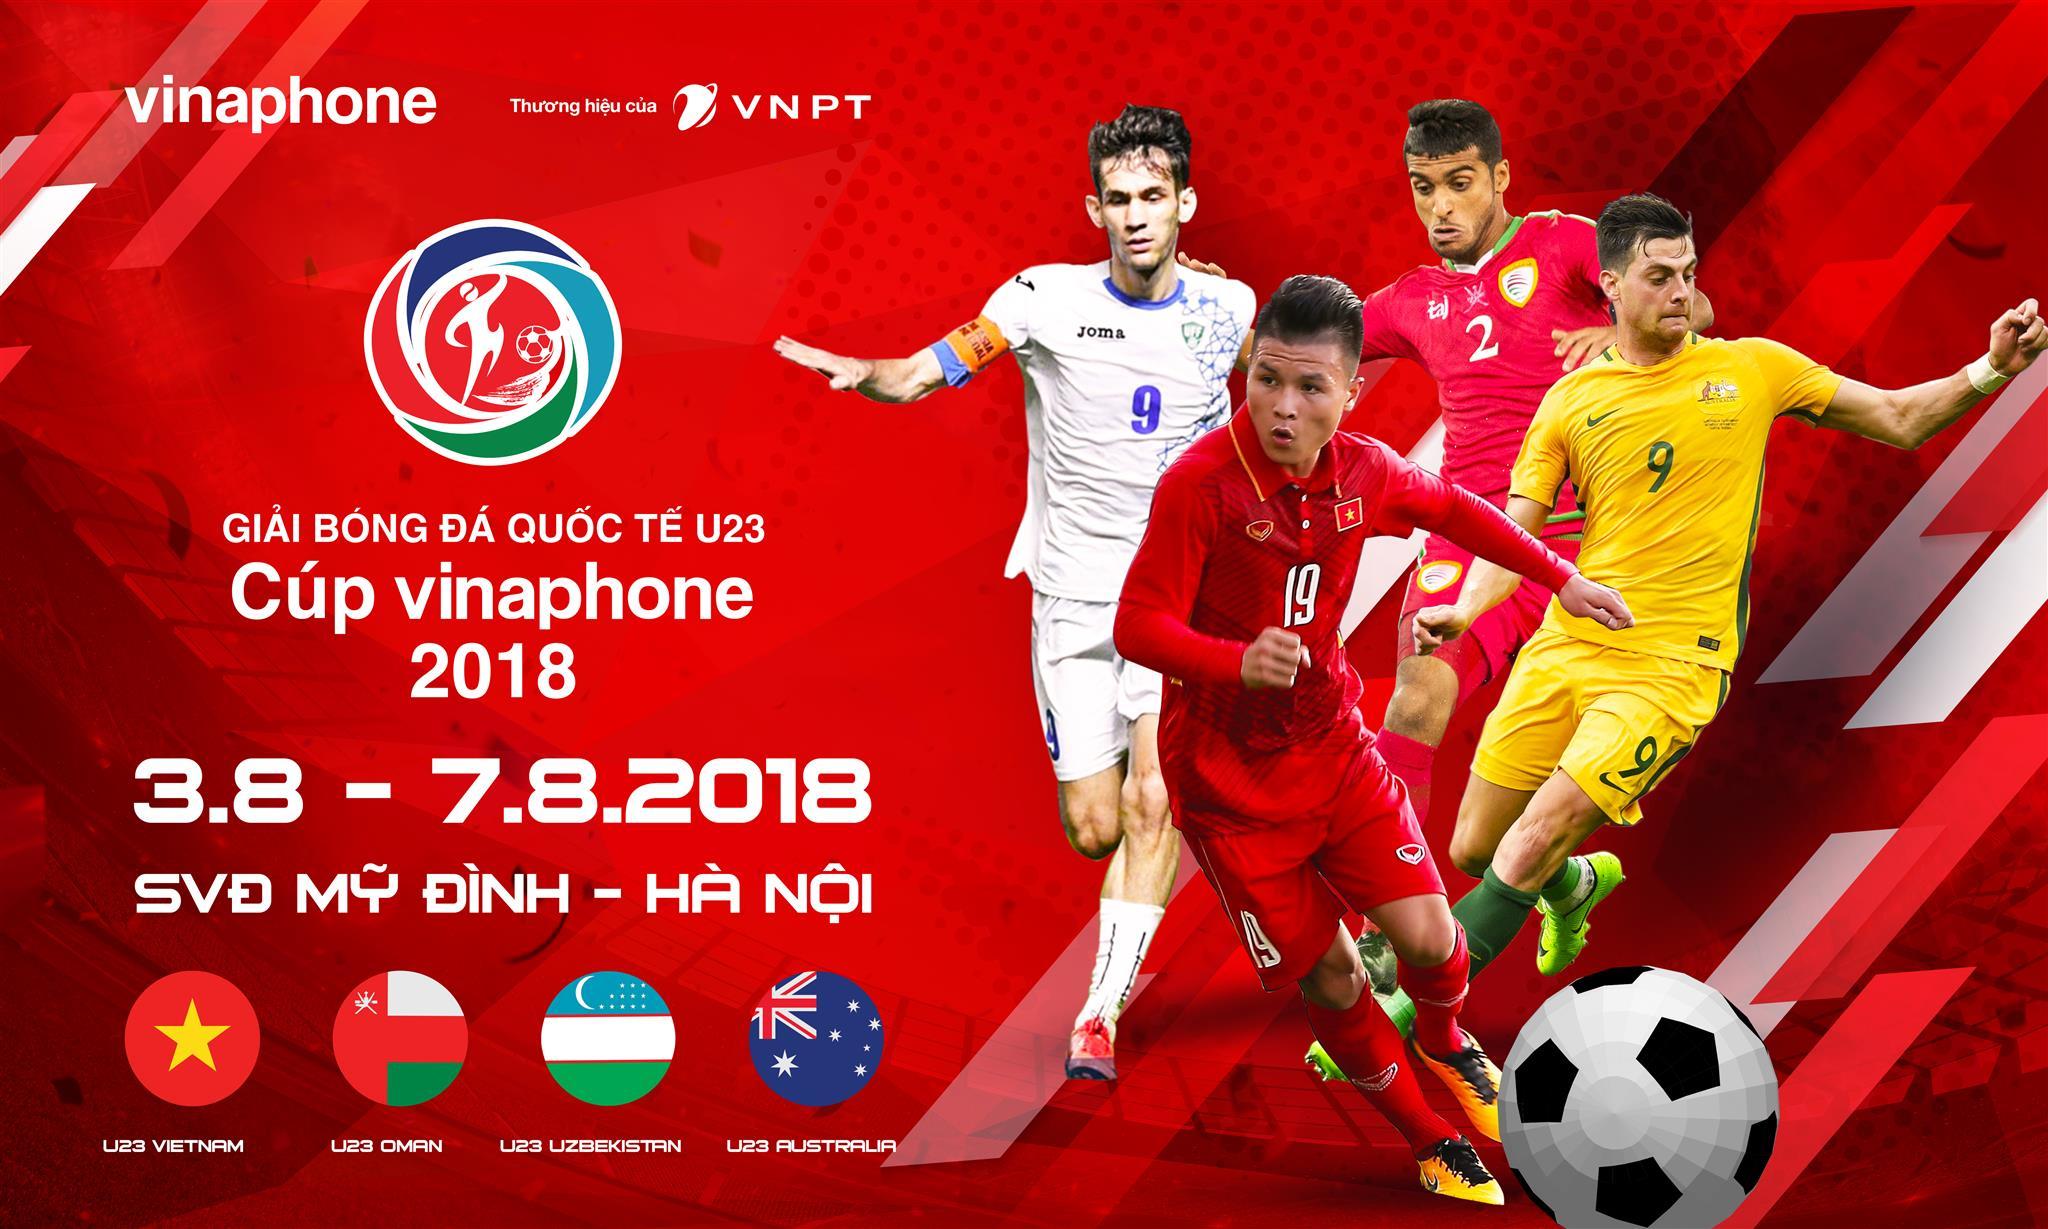 VNPT trở thành nhà tài trợ chính cho Giải bóng đá quốc tế U23 2018 - Ảnh 1.